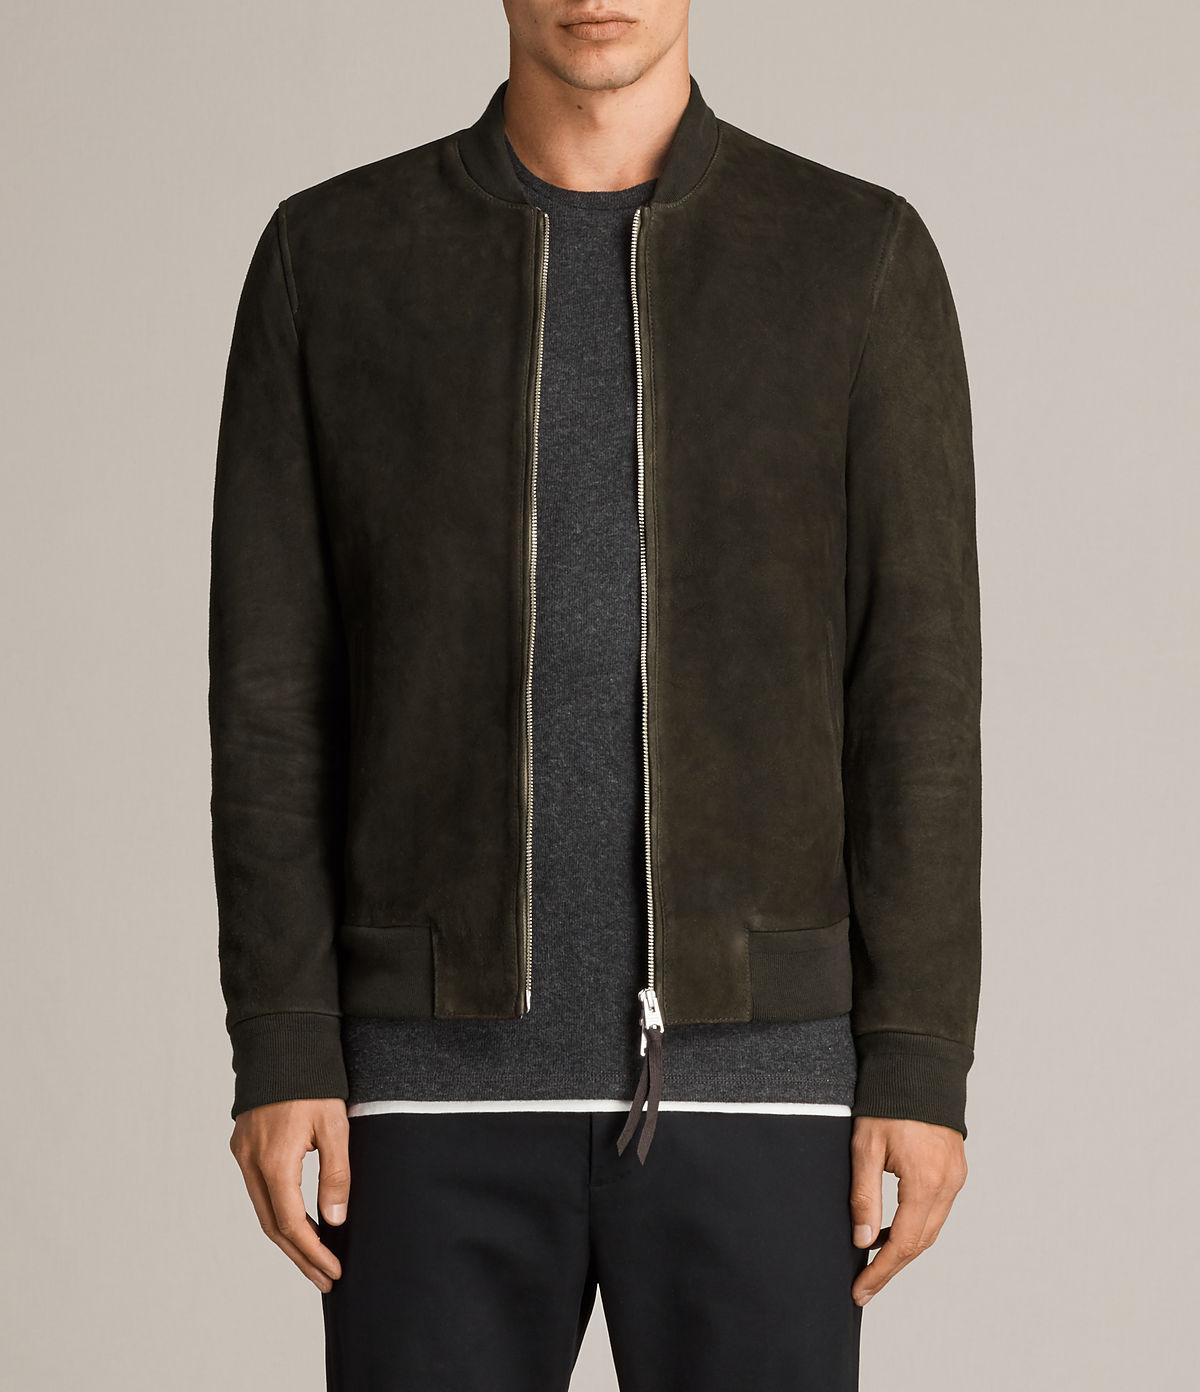 ethin-suede-bomber-jacket